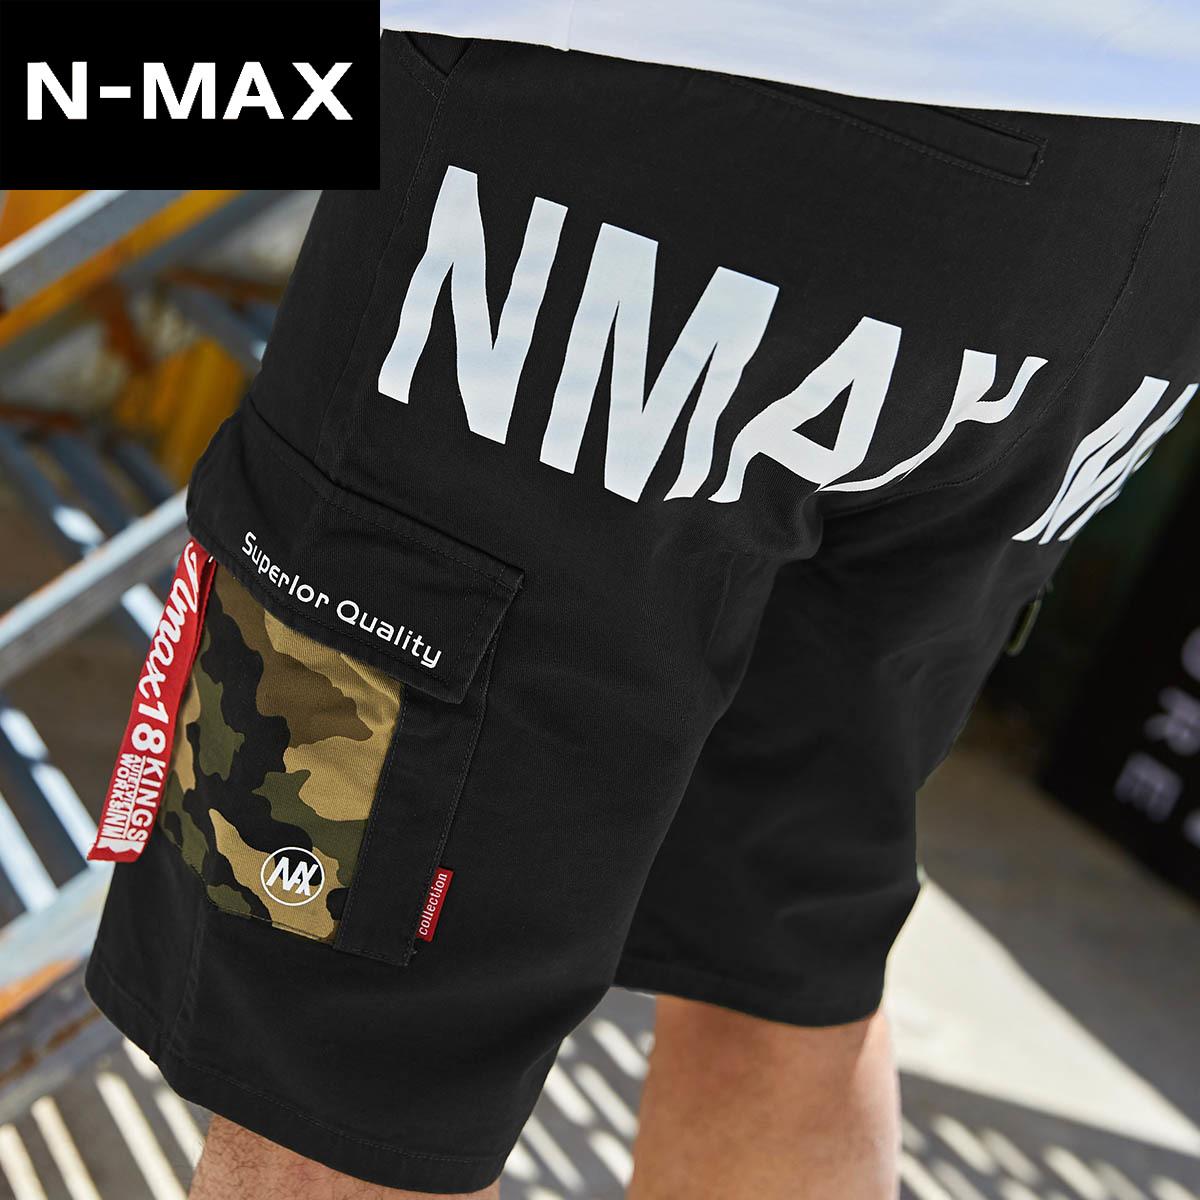 NMAX大码男装潮牌胖子宽松休闲短裤加肥加大薄迷彩五分裤工装裤